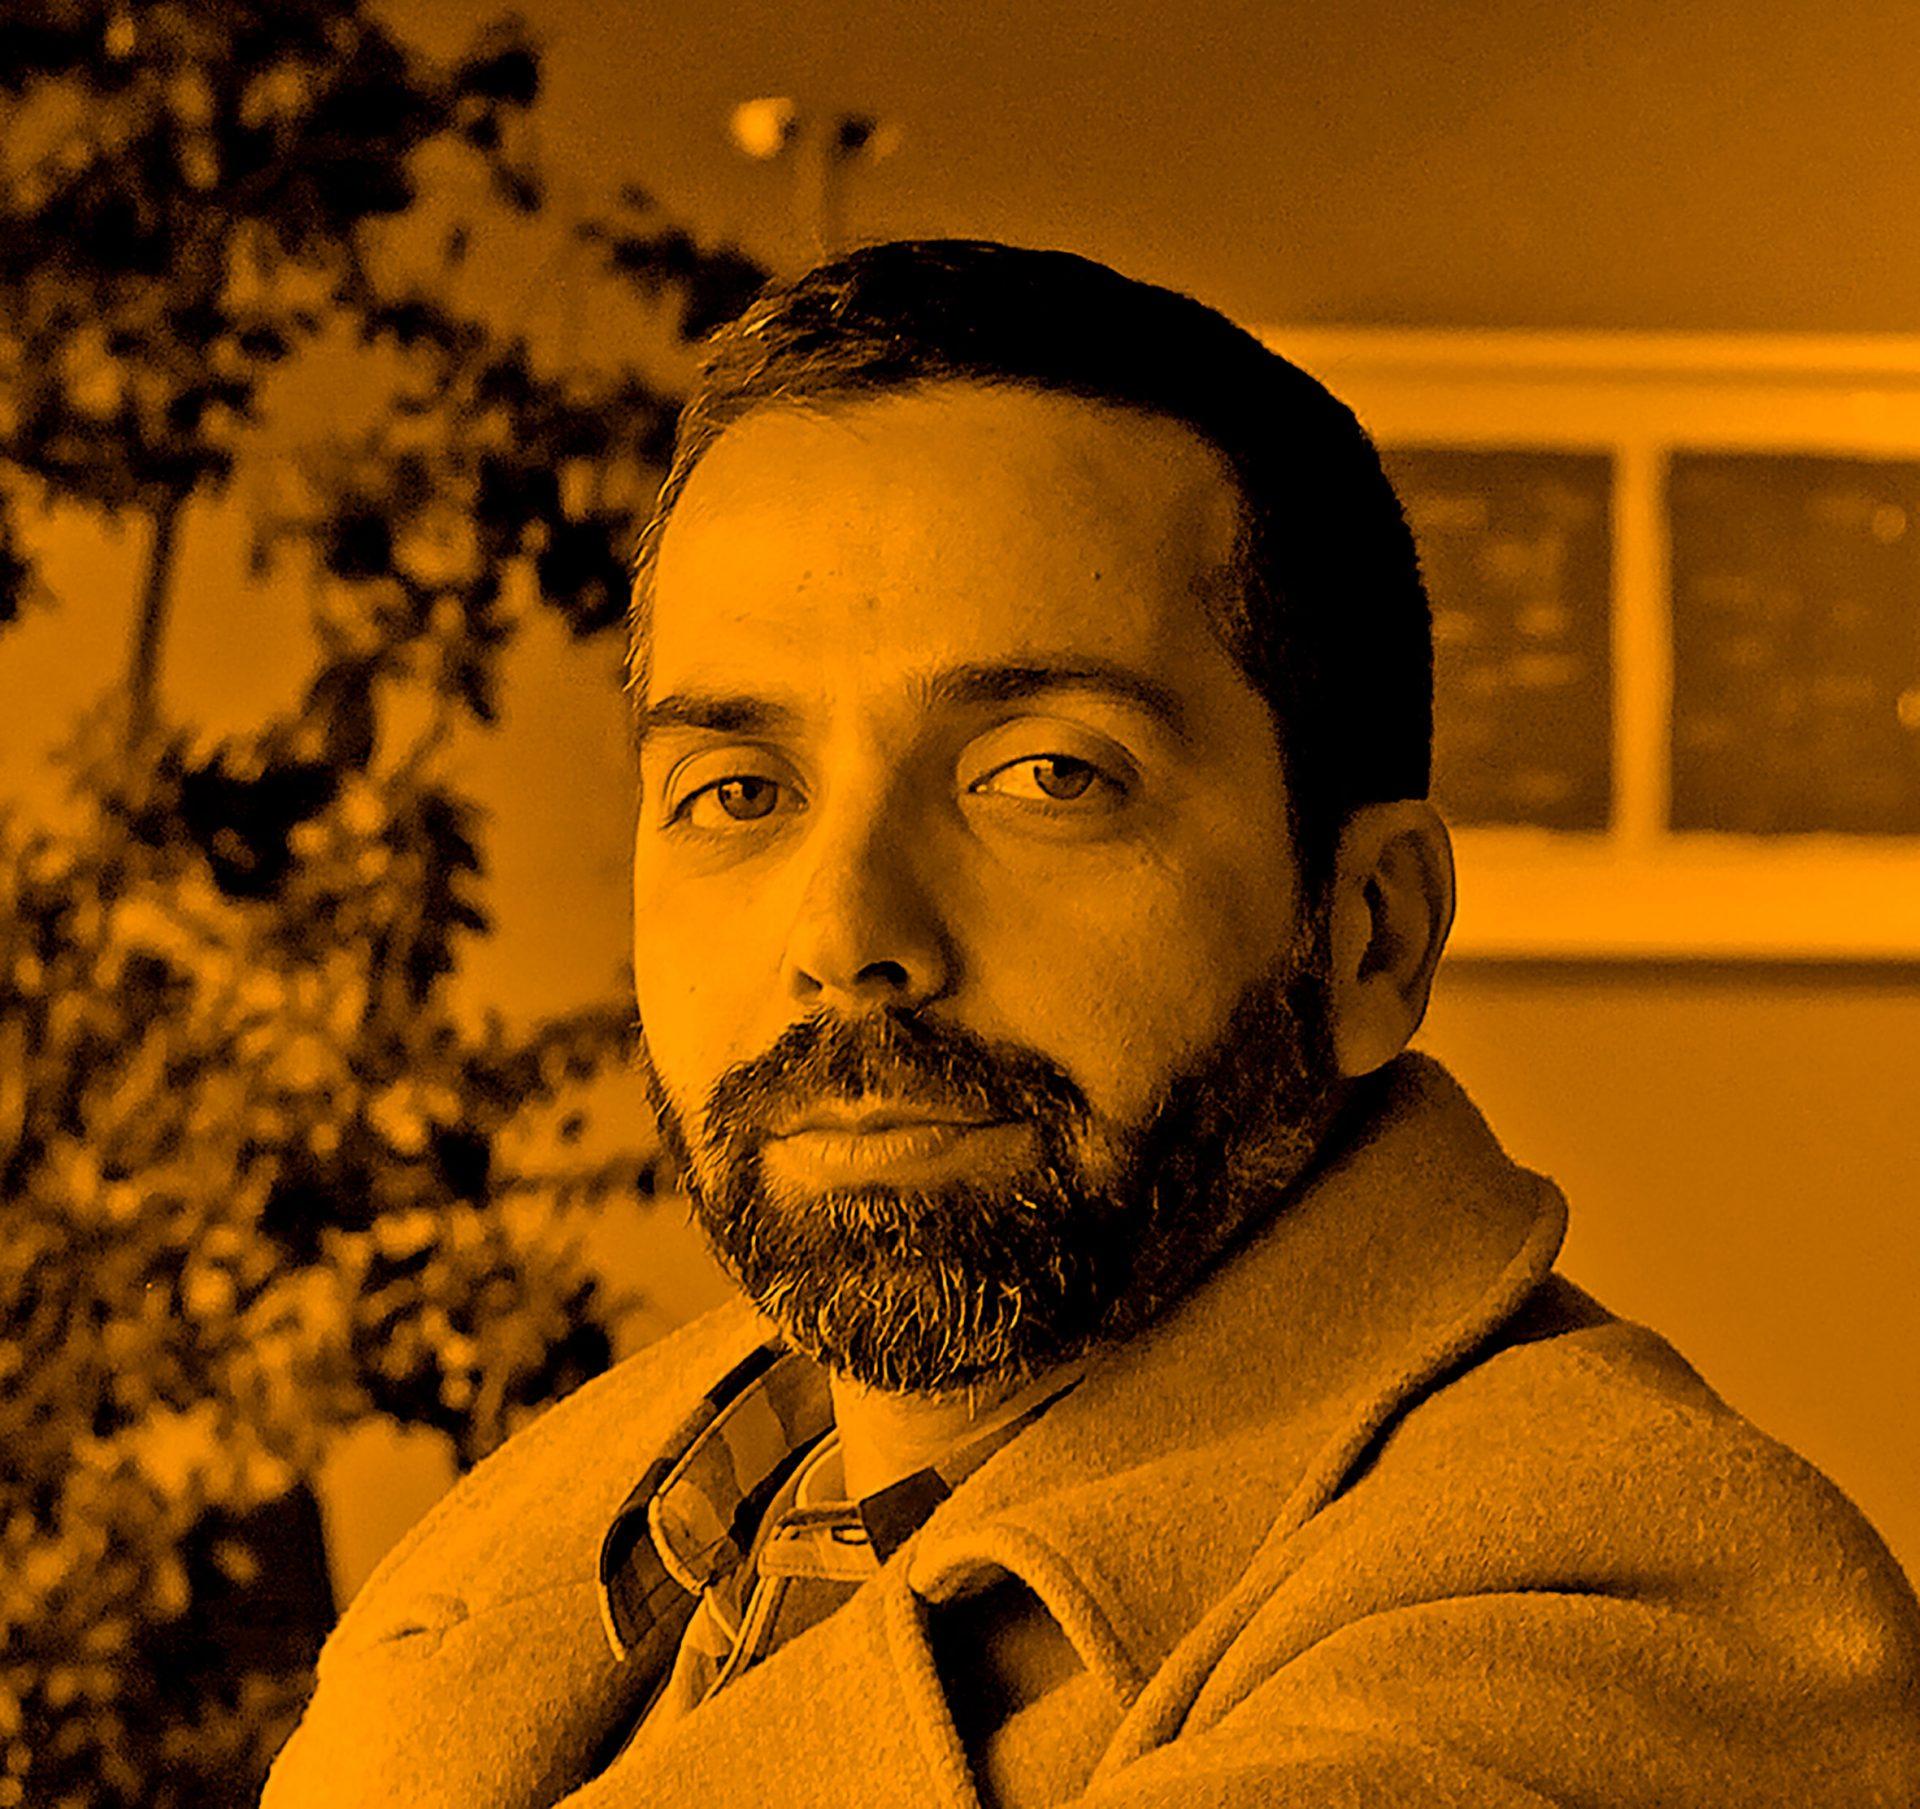 Nuno Gaivoto